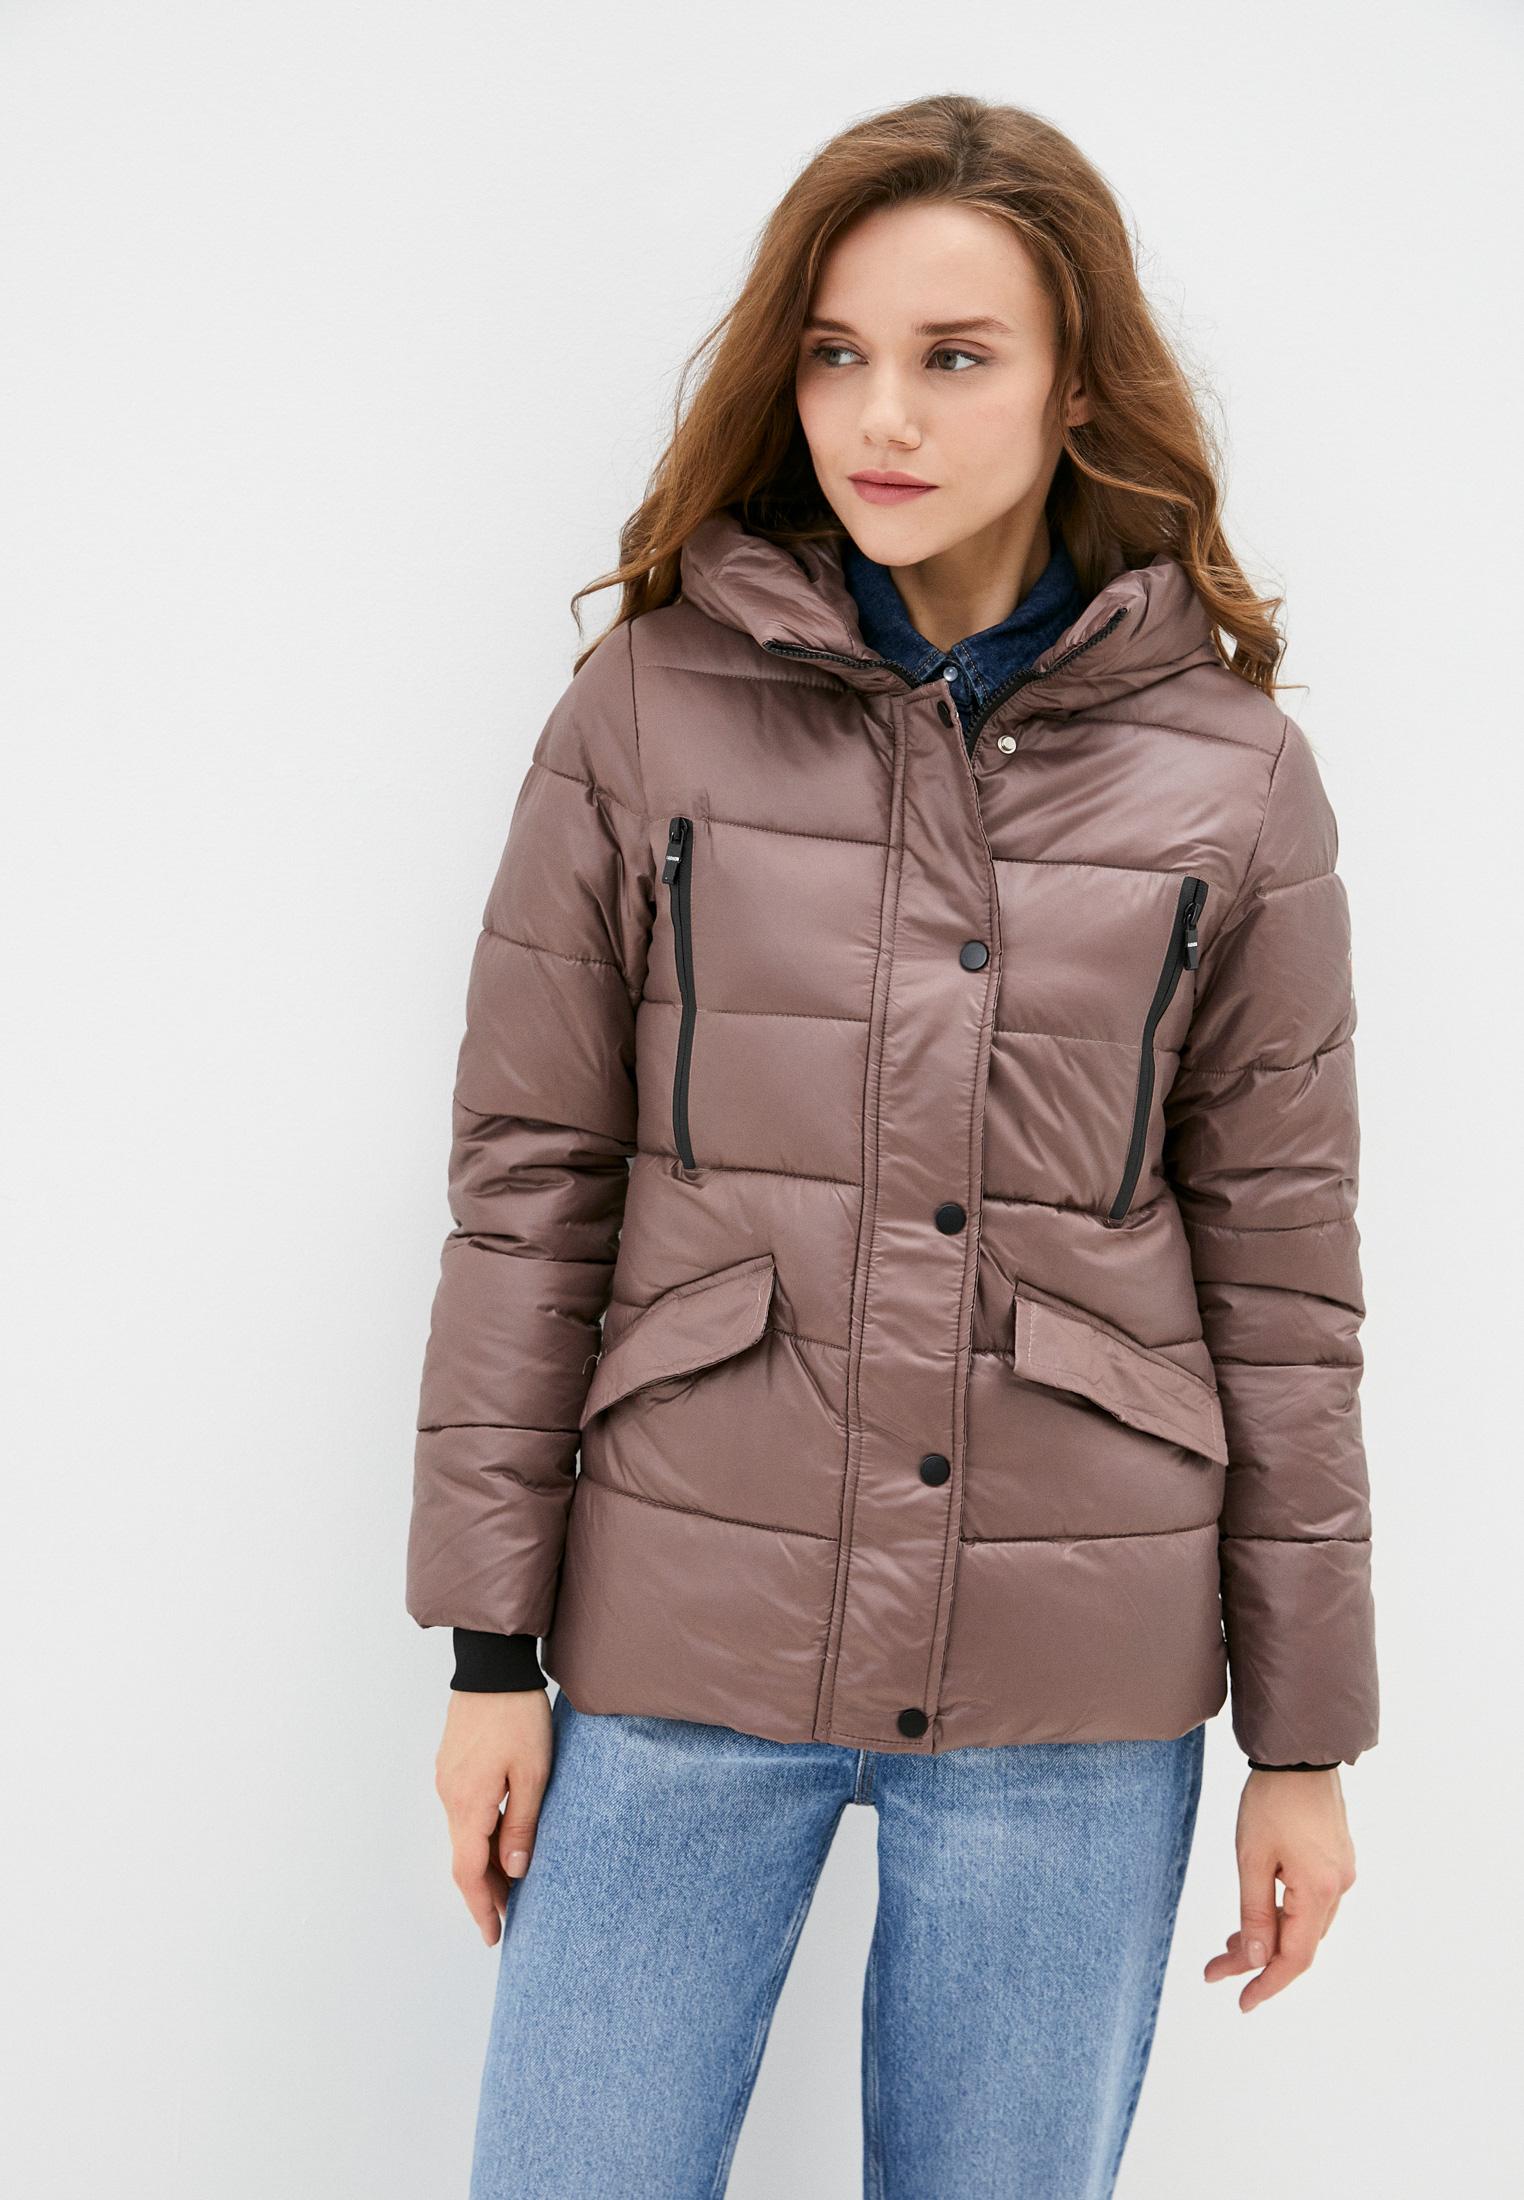 Утепленная куртка Elsi Куртка утепленная Elsi